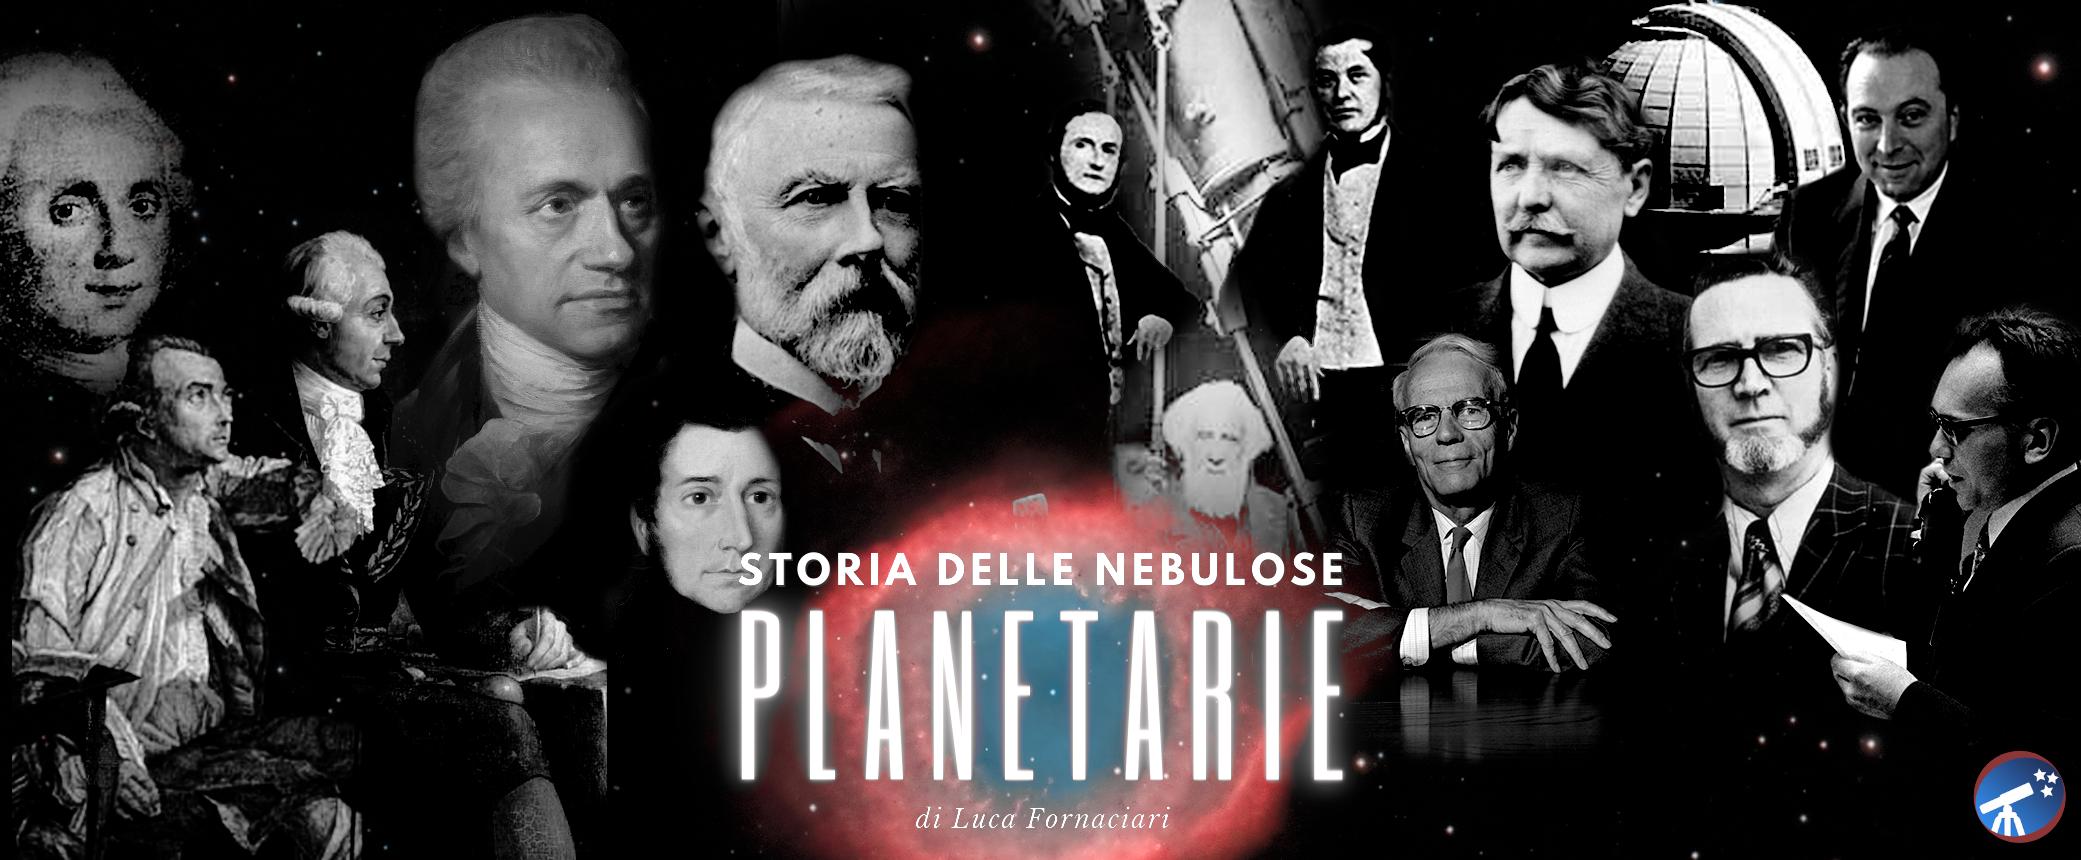 Storia delle Nebulose Planetarie attraverso l'astrofotografia amatoriale